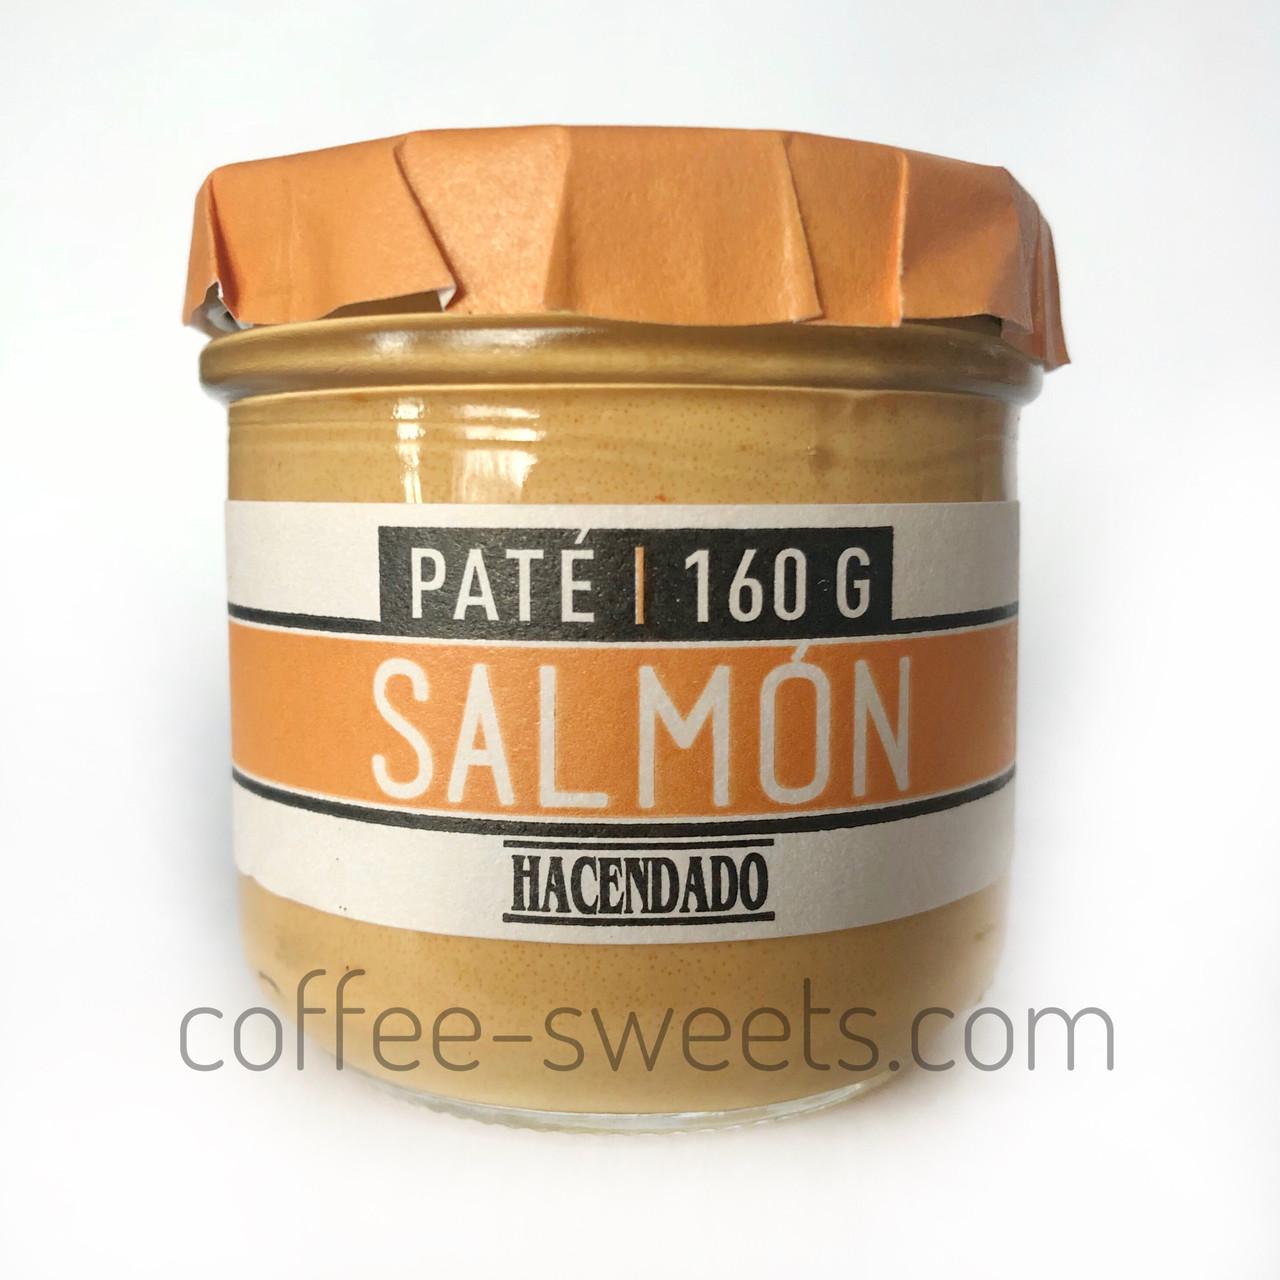 Паштет Hacendado Pate Salmon (лосось) 160 g